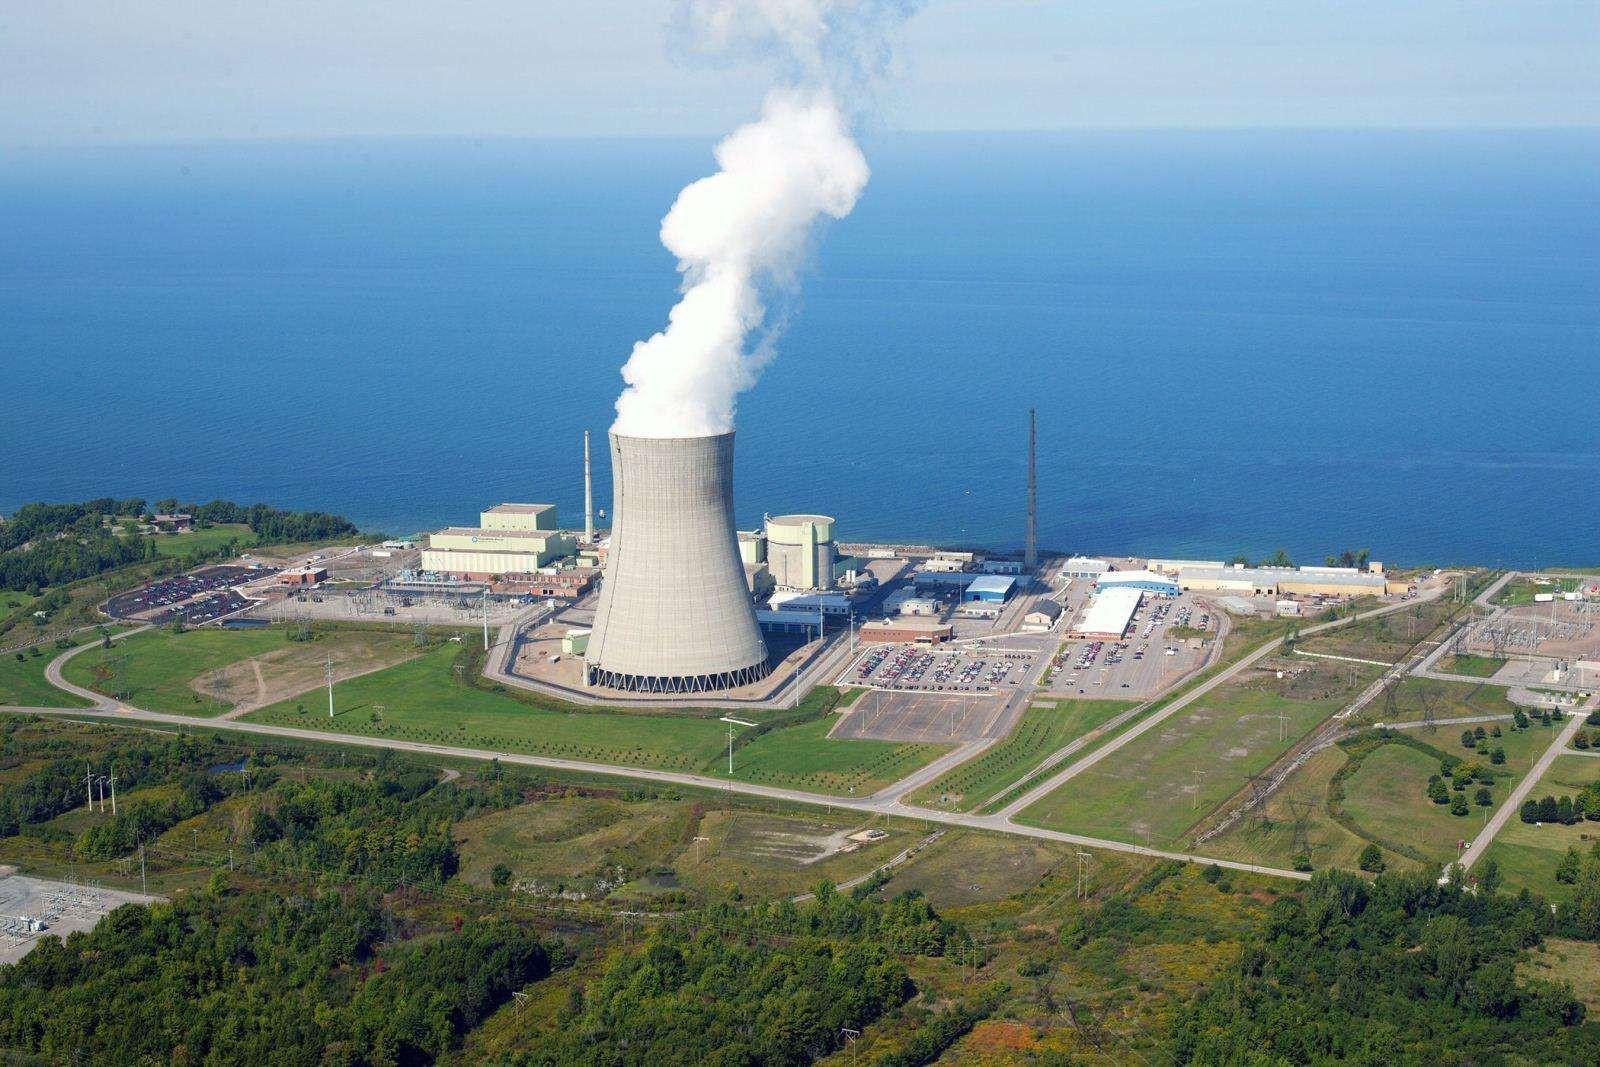 核电站是干什么的 主要用来干嘛